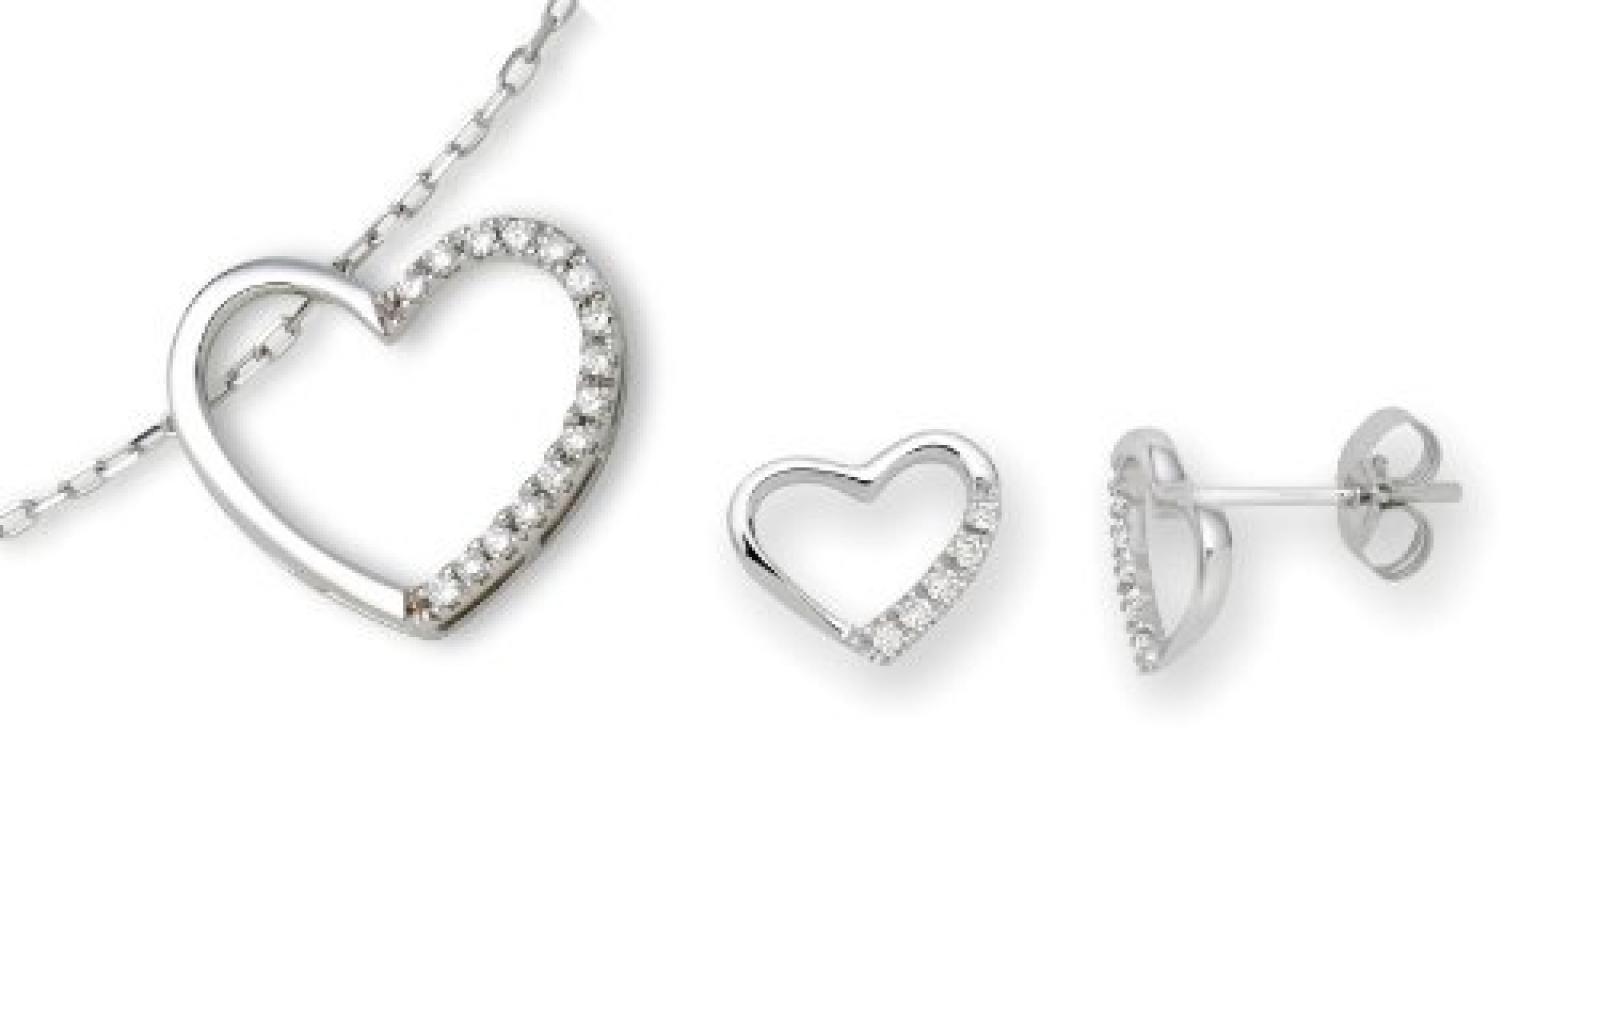 Miore Damen-Set: Halskette + Ohrringe Herz Diamant Sterling Silber 925 MSET005